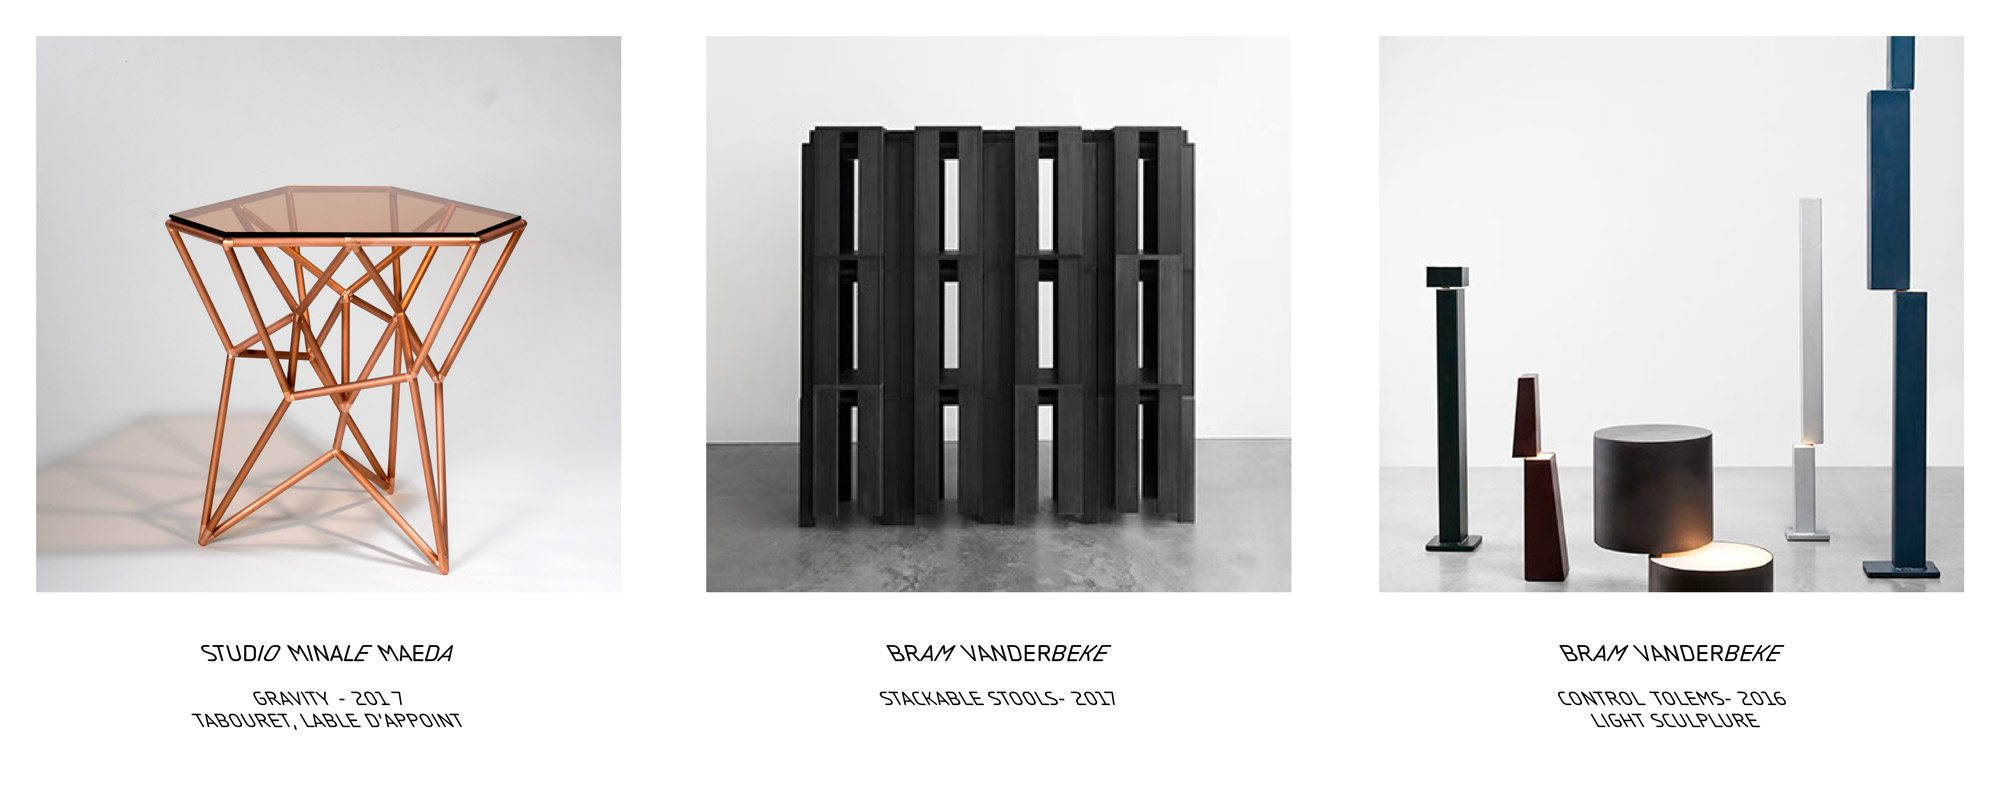 Pièces de Studio Minale Maeda et Bram Vanderbeke présente à la tools galerie à l'occasion de l'exposition new talents season 1.